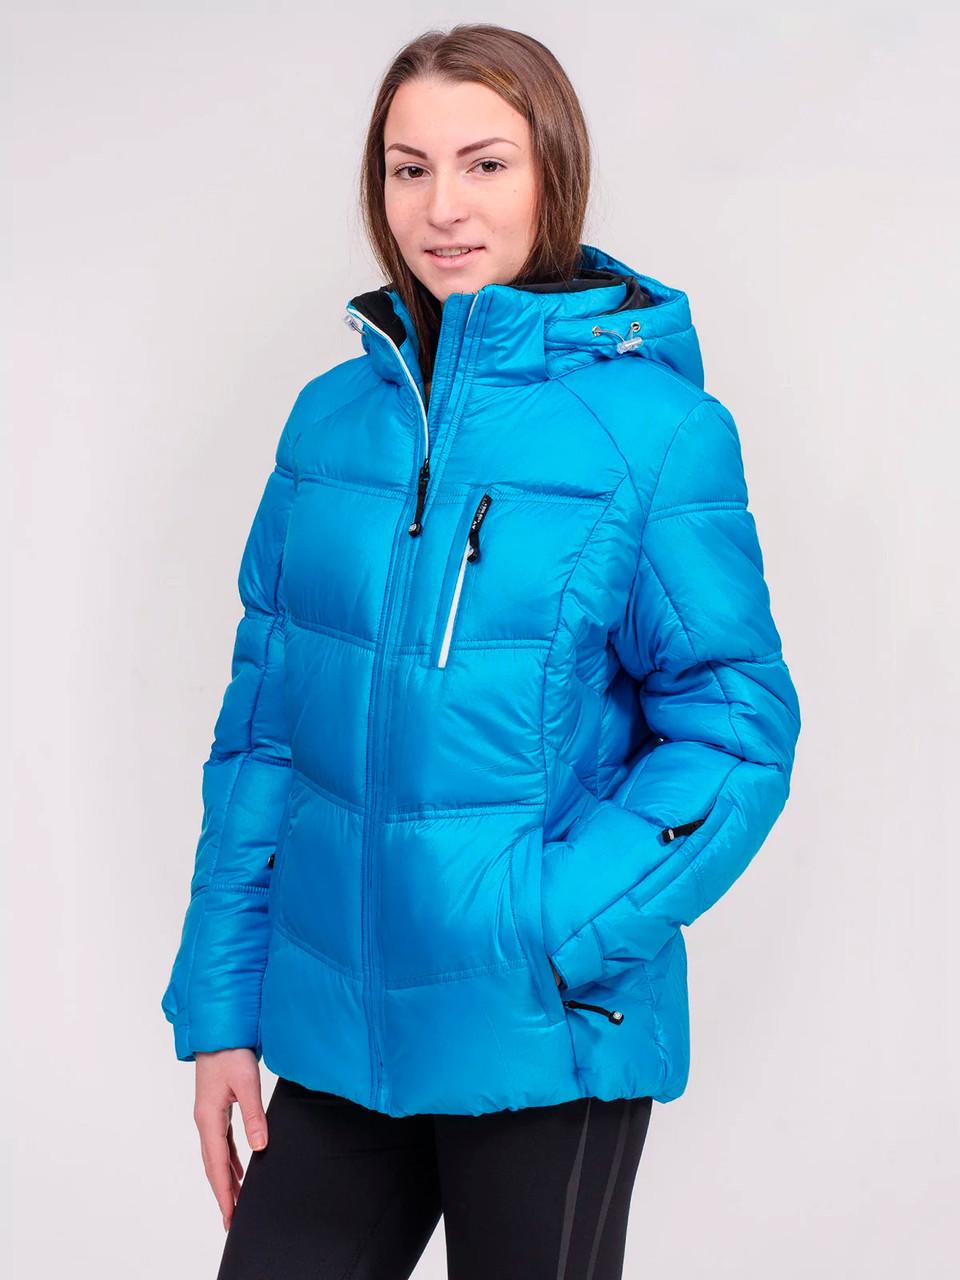 Зимняя куртка женская Avecs 7749500 голубой